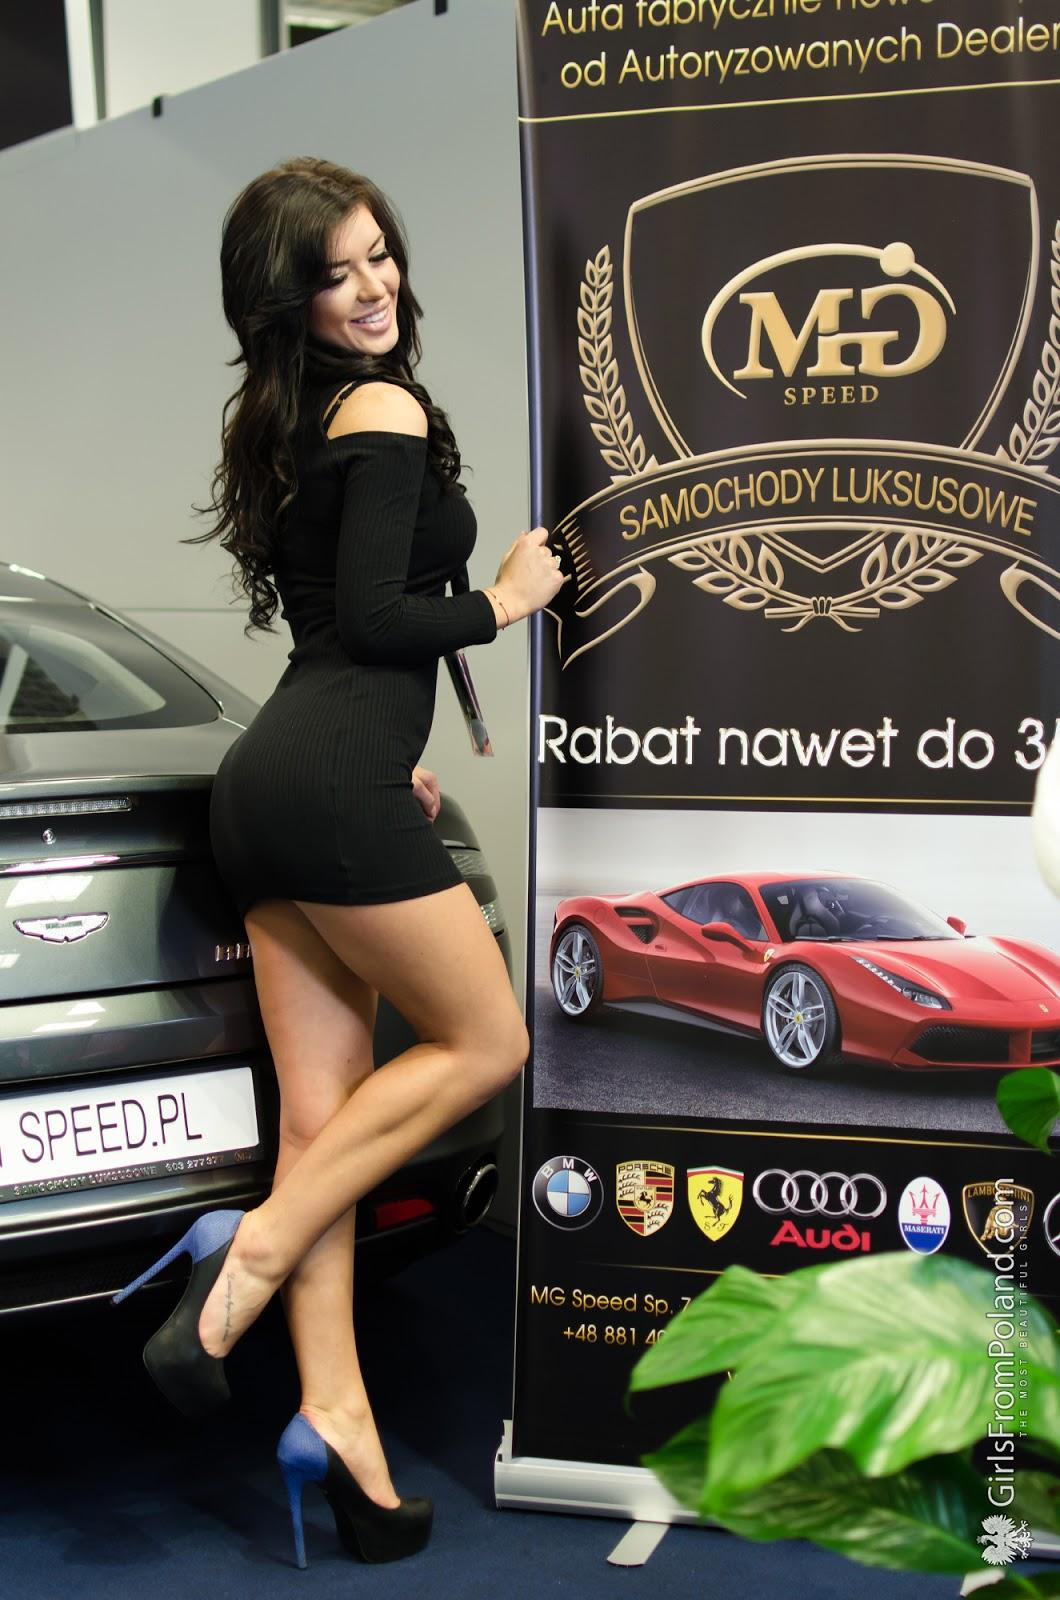 Warsaw Motoshow 2015 MG Speed  Zdjęcie 29